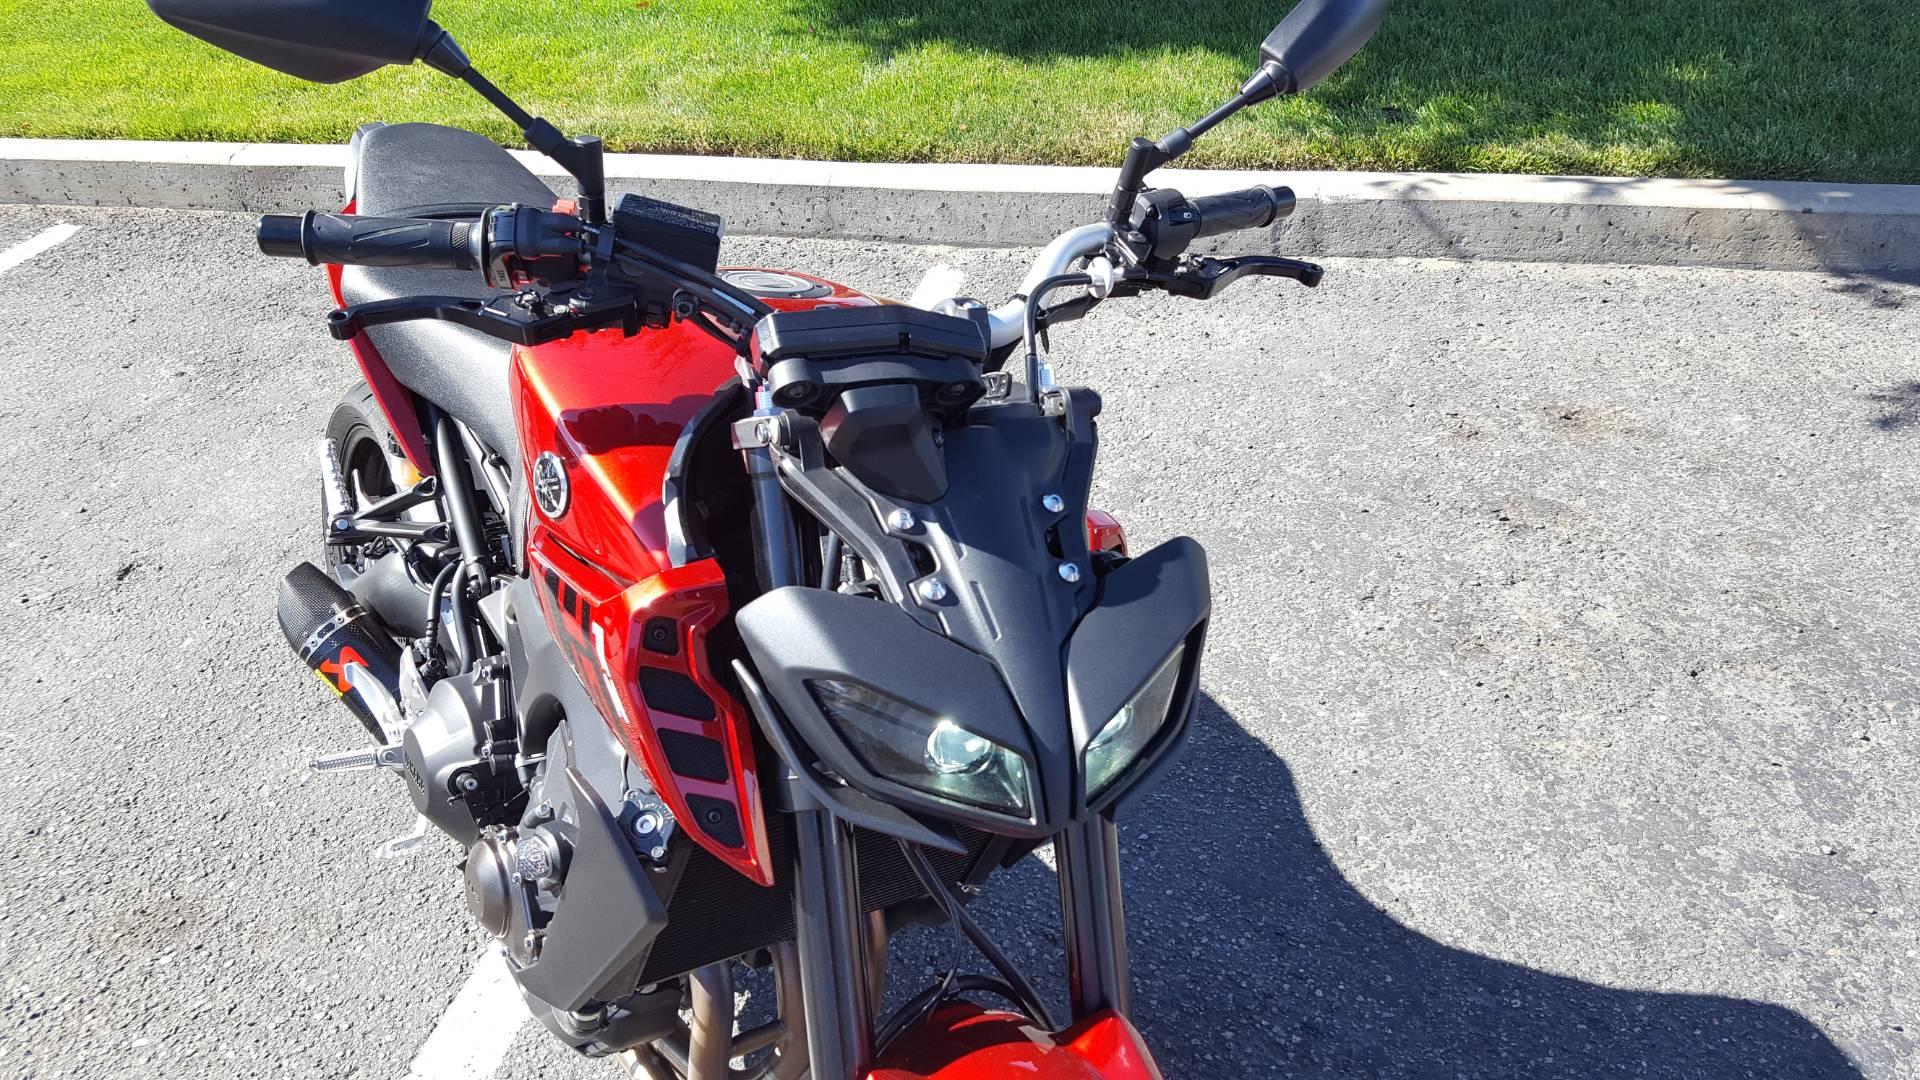 2017 Yamaha FZ-09 3